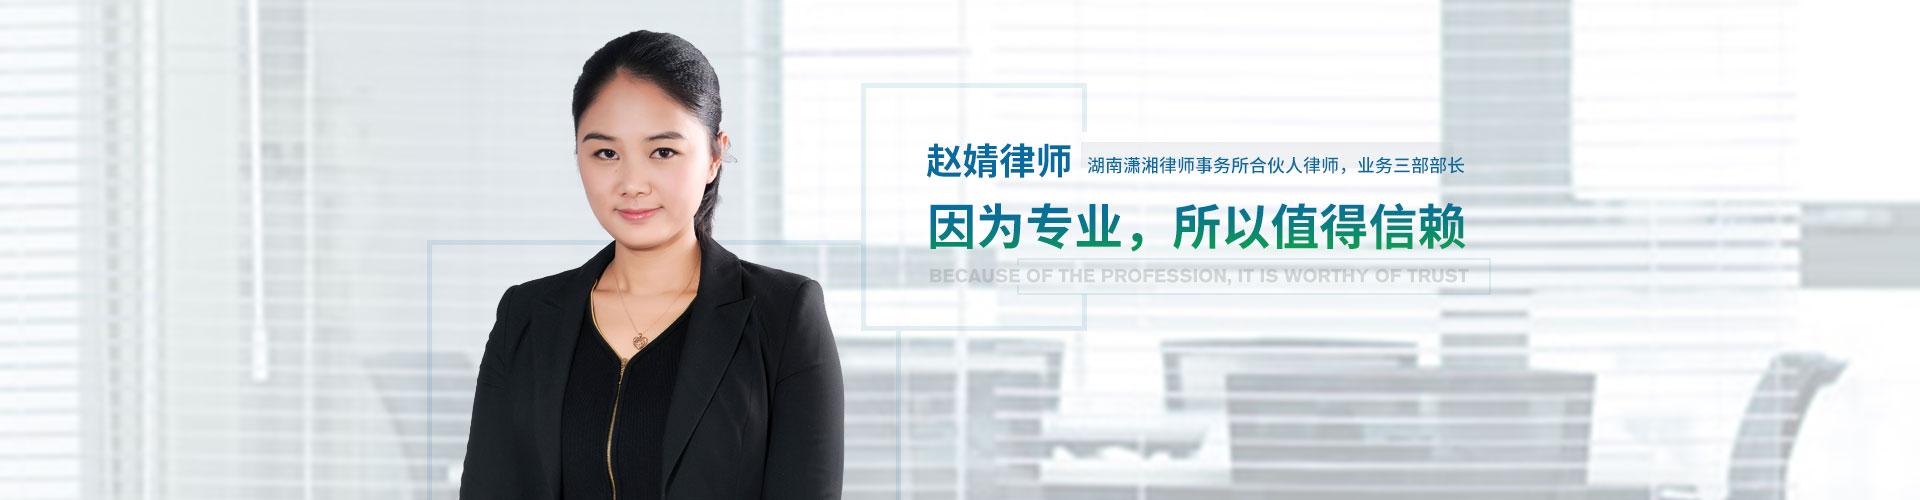 长沙赵婧律师